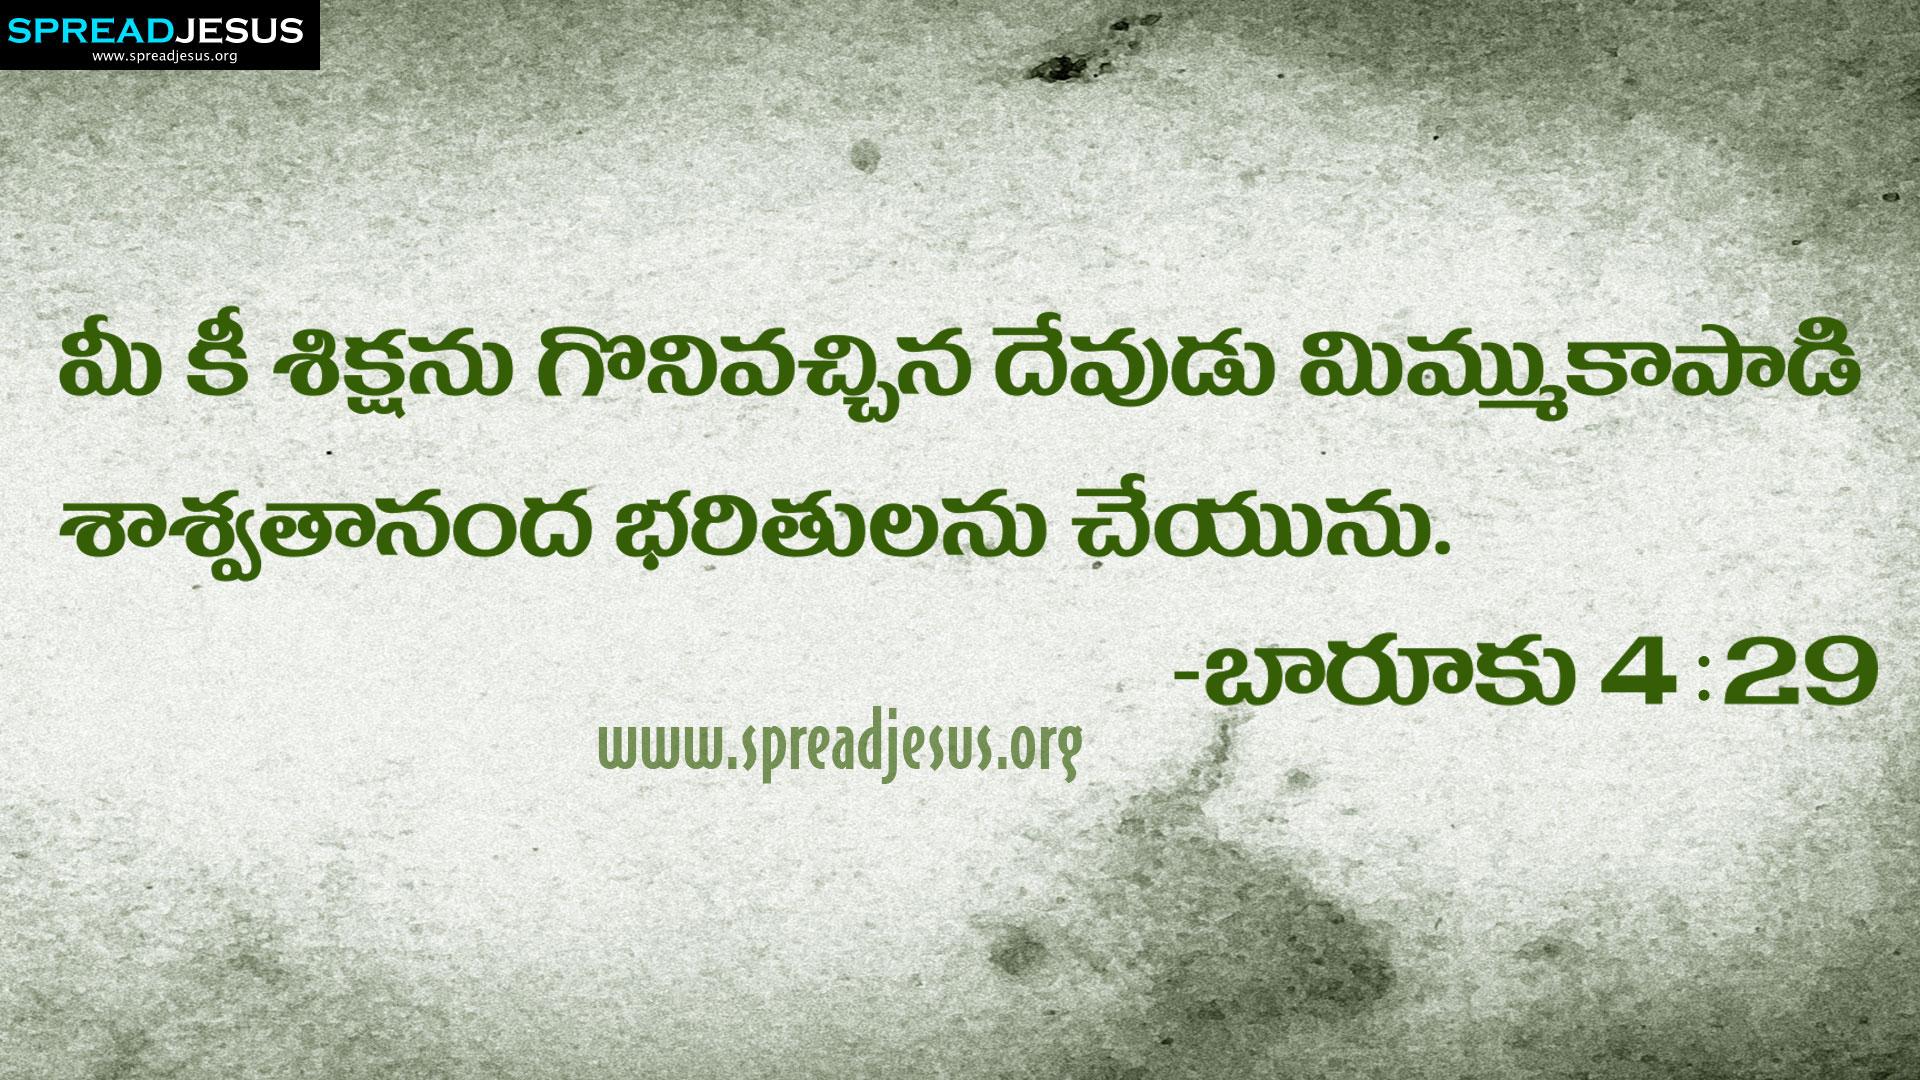 Jesus Telugu Quotes On Love Quotesgram